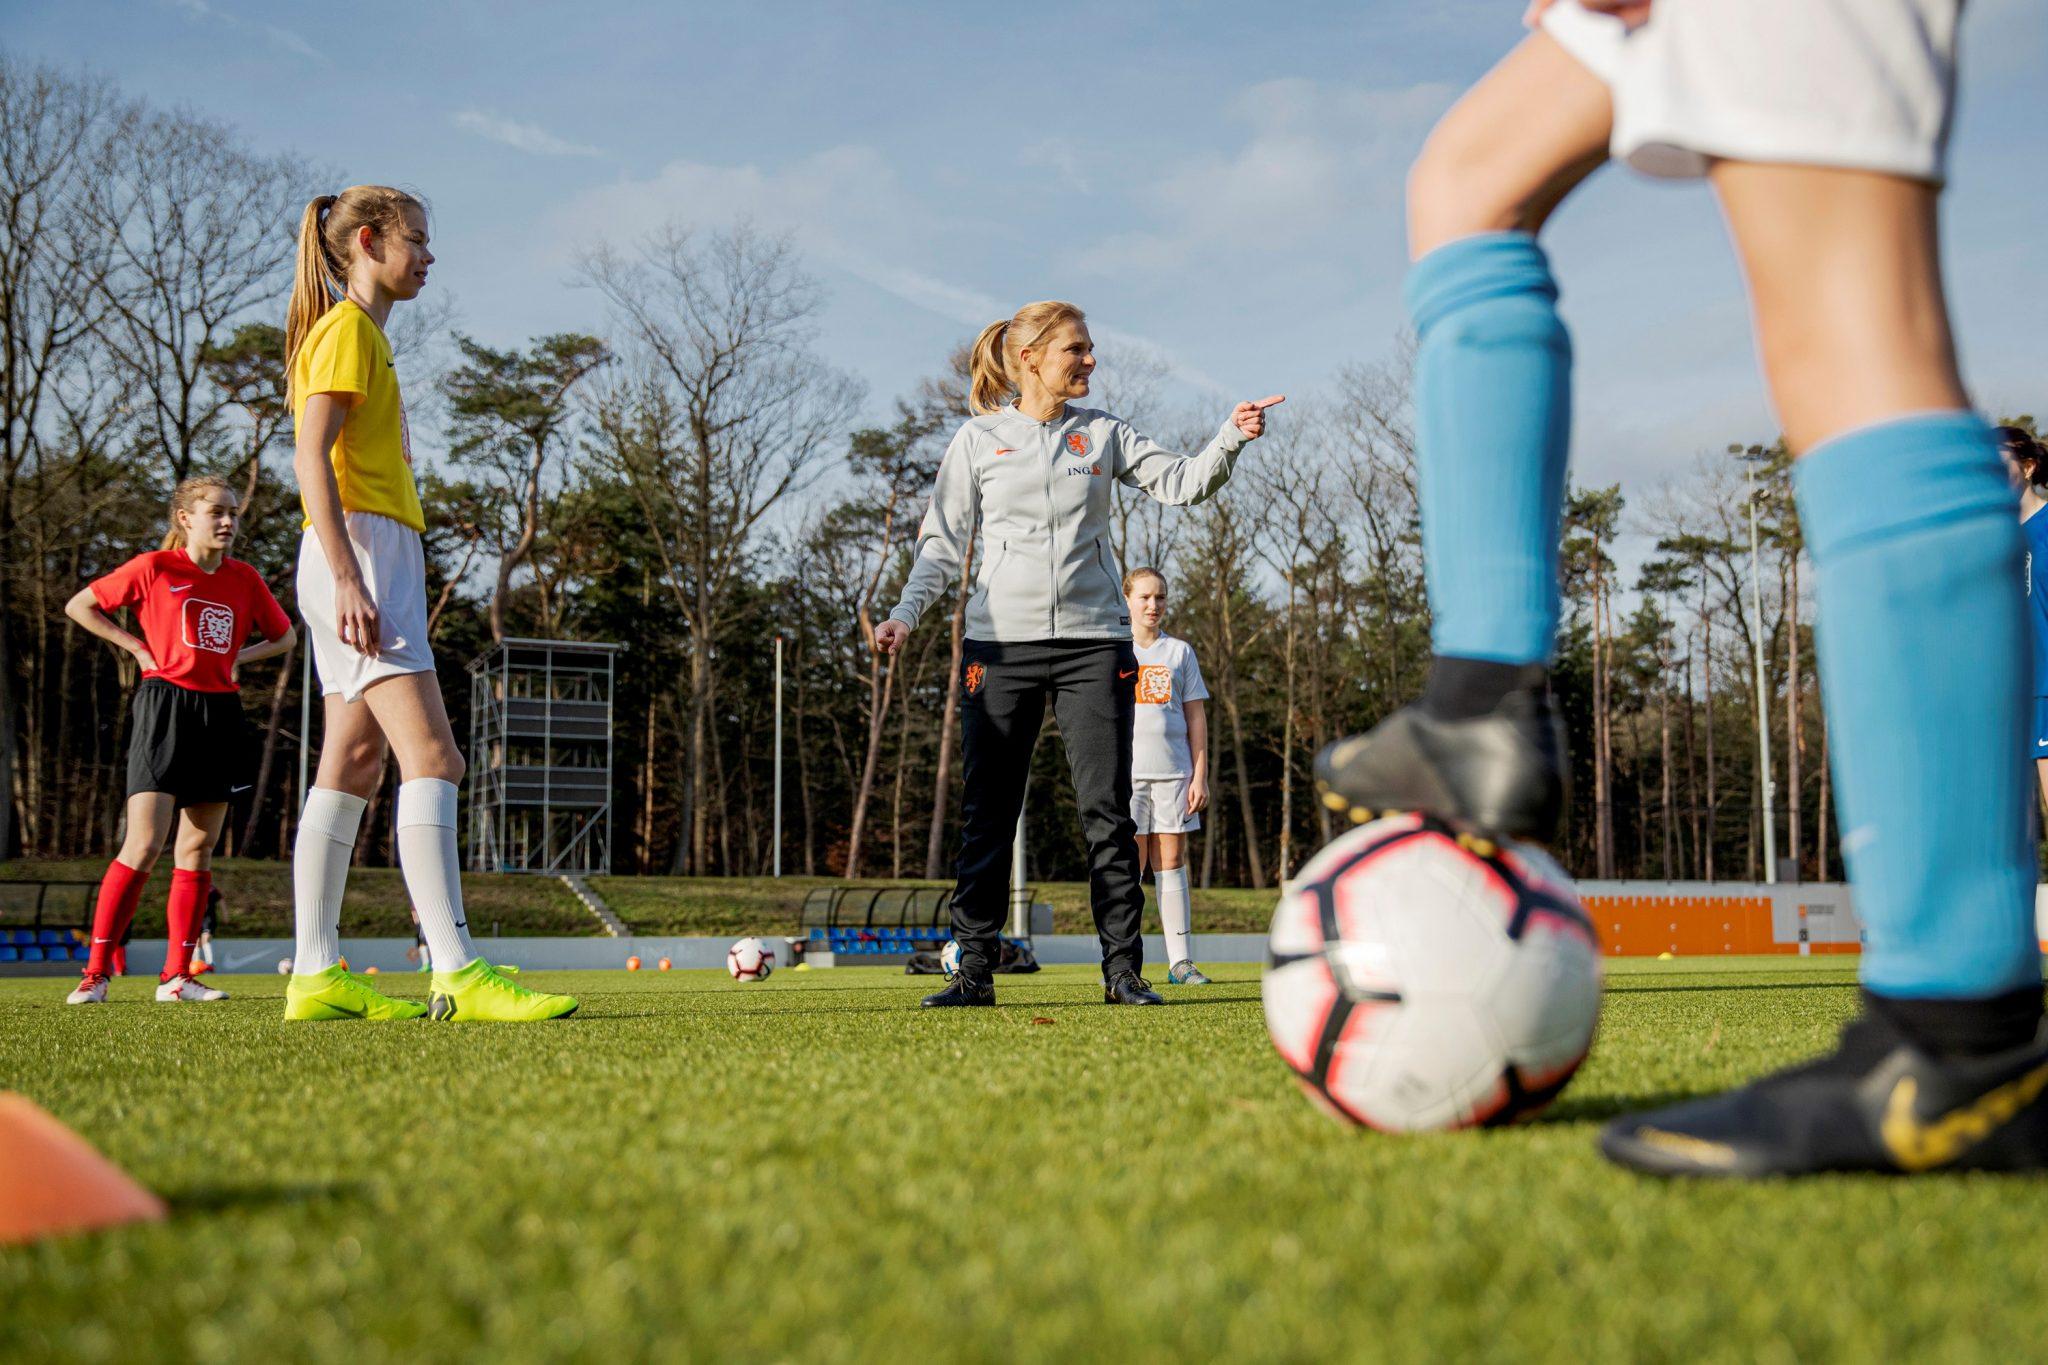 VV Spirit en ING verlengen sponsorcontract en gaan samen voor 25% groei in het meiden- en vrouwenvoetbal